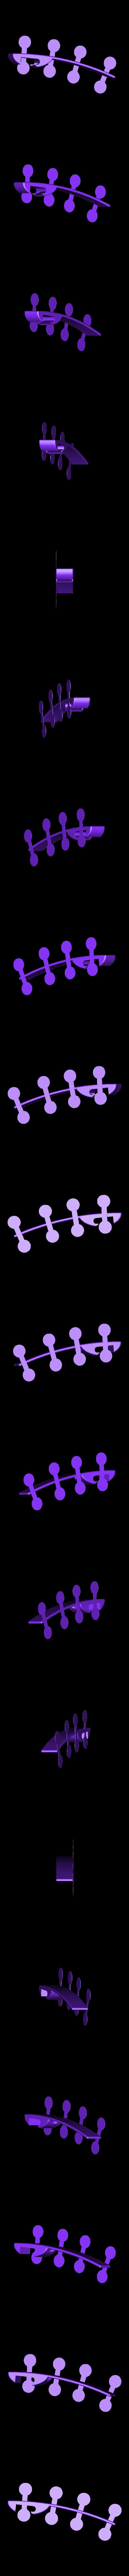 Flaschenoeffner_V1.1-ohneText.stl Download free STL file Bottle Opener v1.1 • 3D printer model, dede67